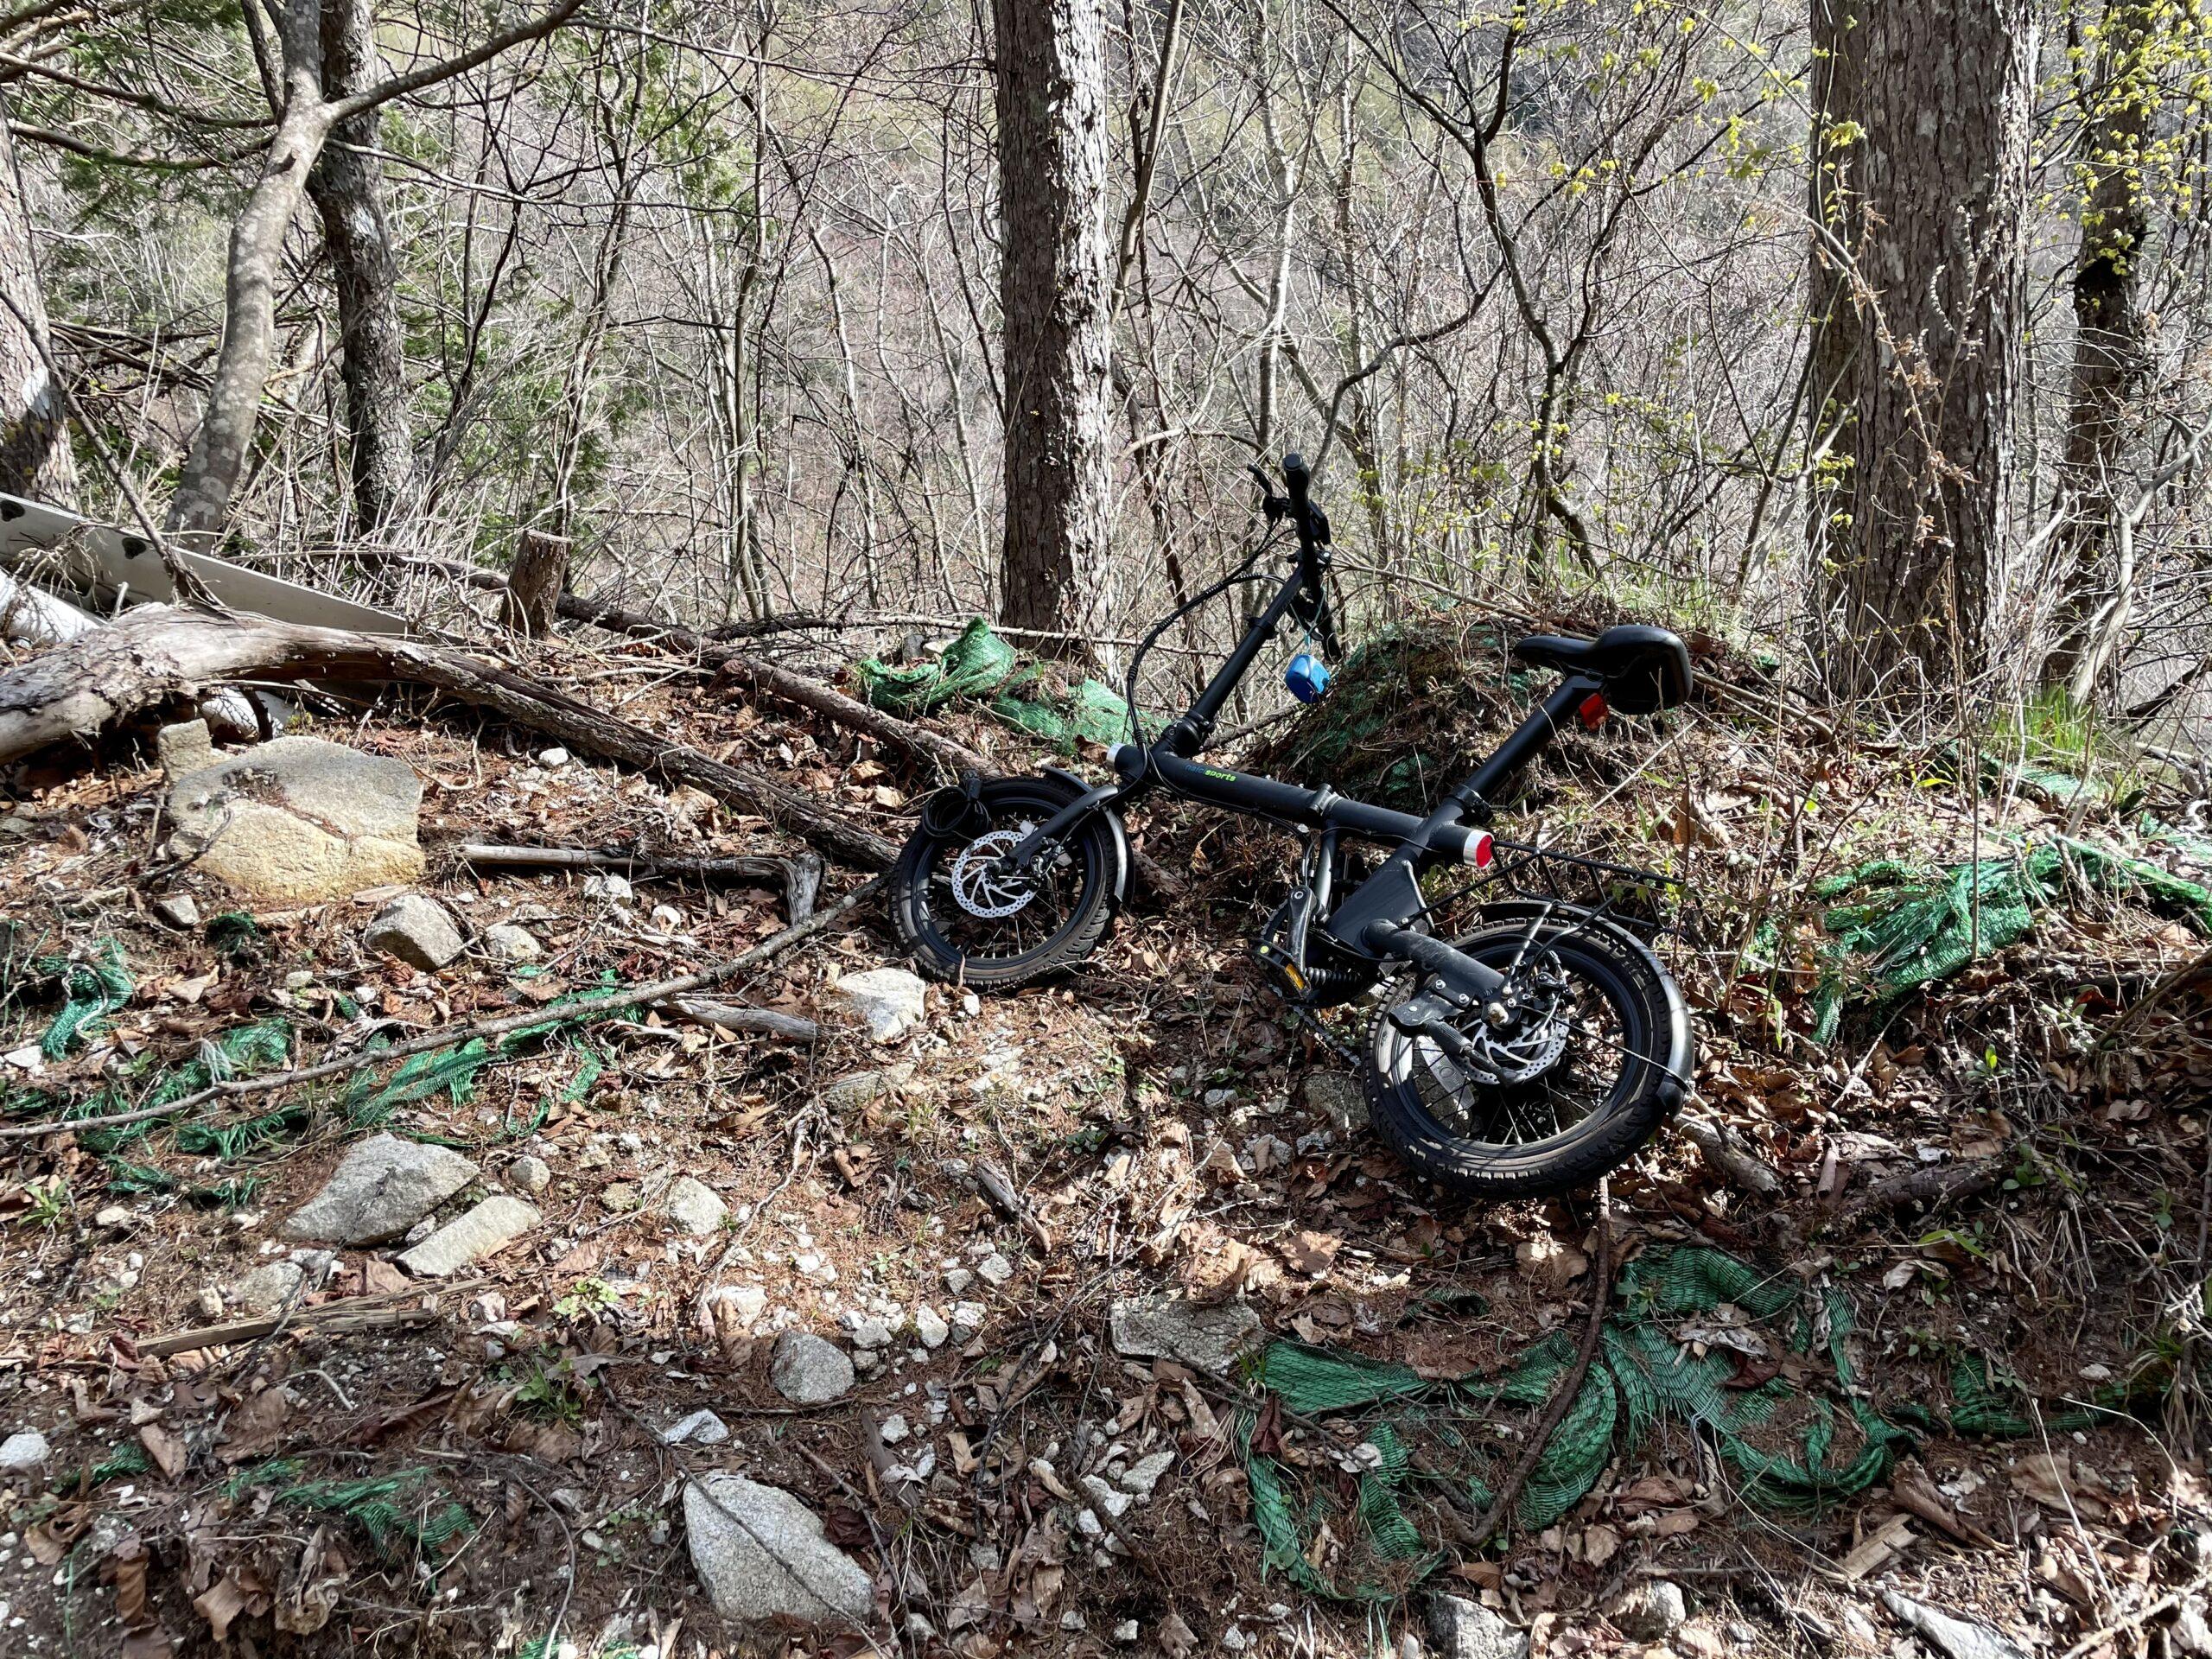 自転車を待機させて林道を歩く